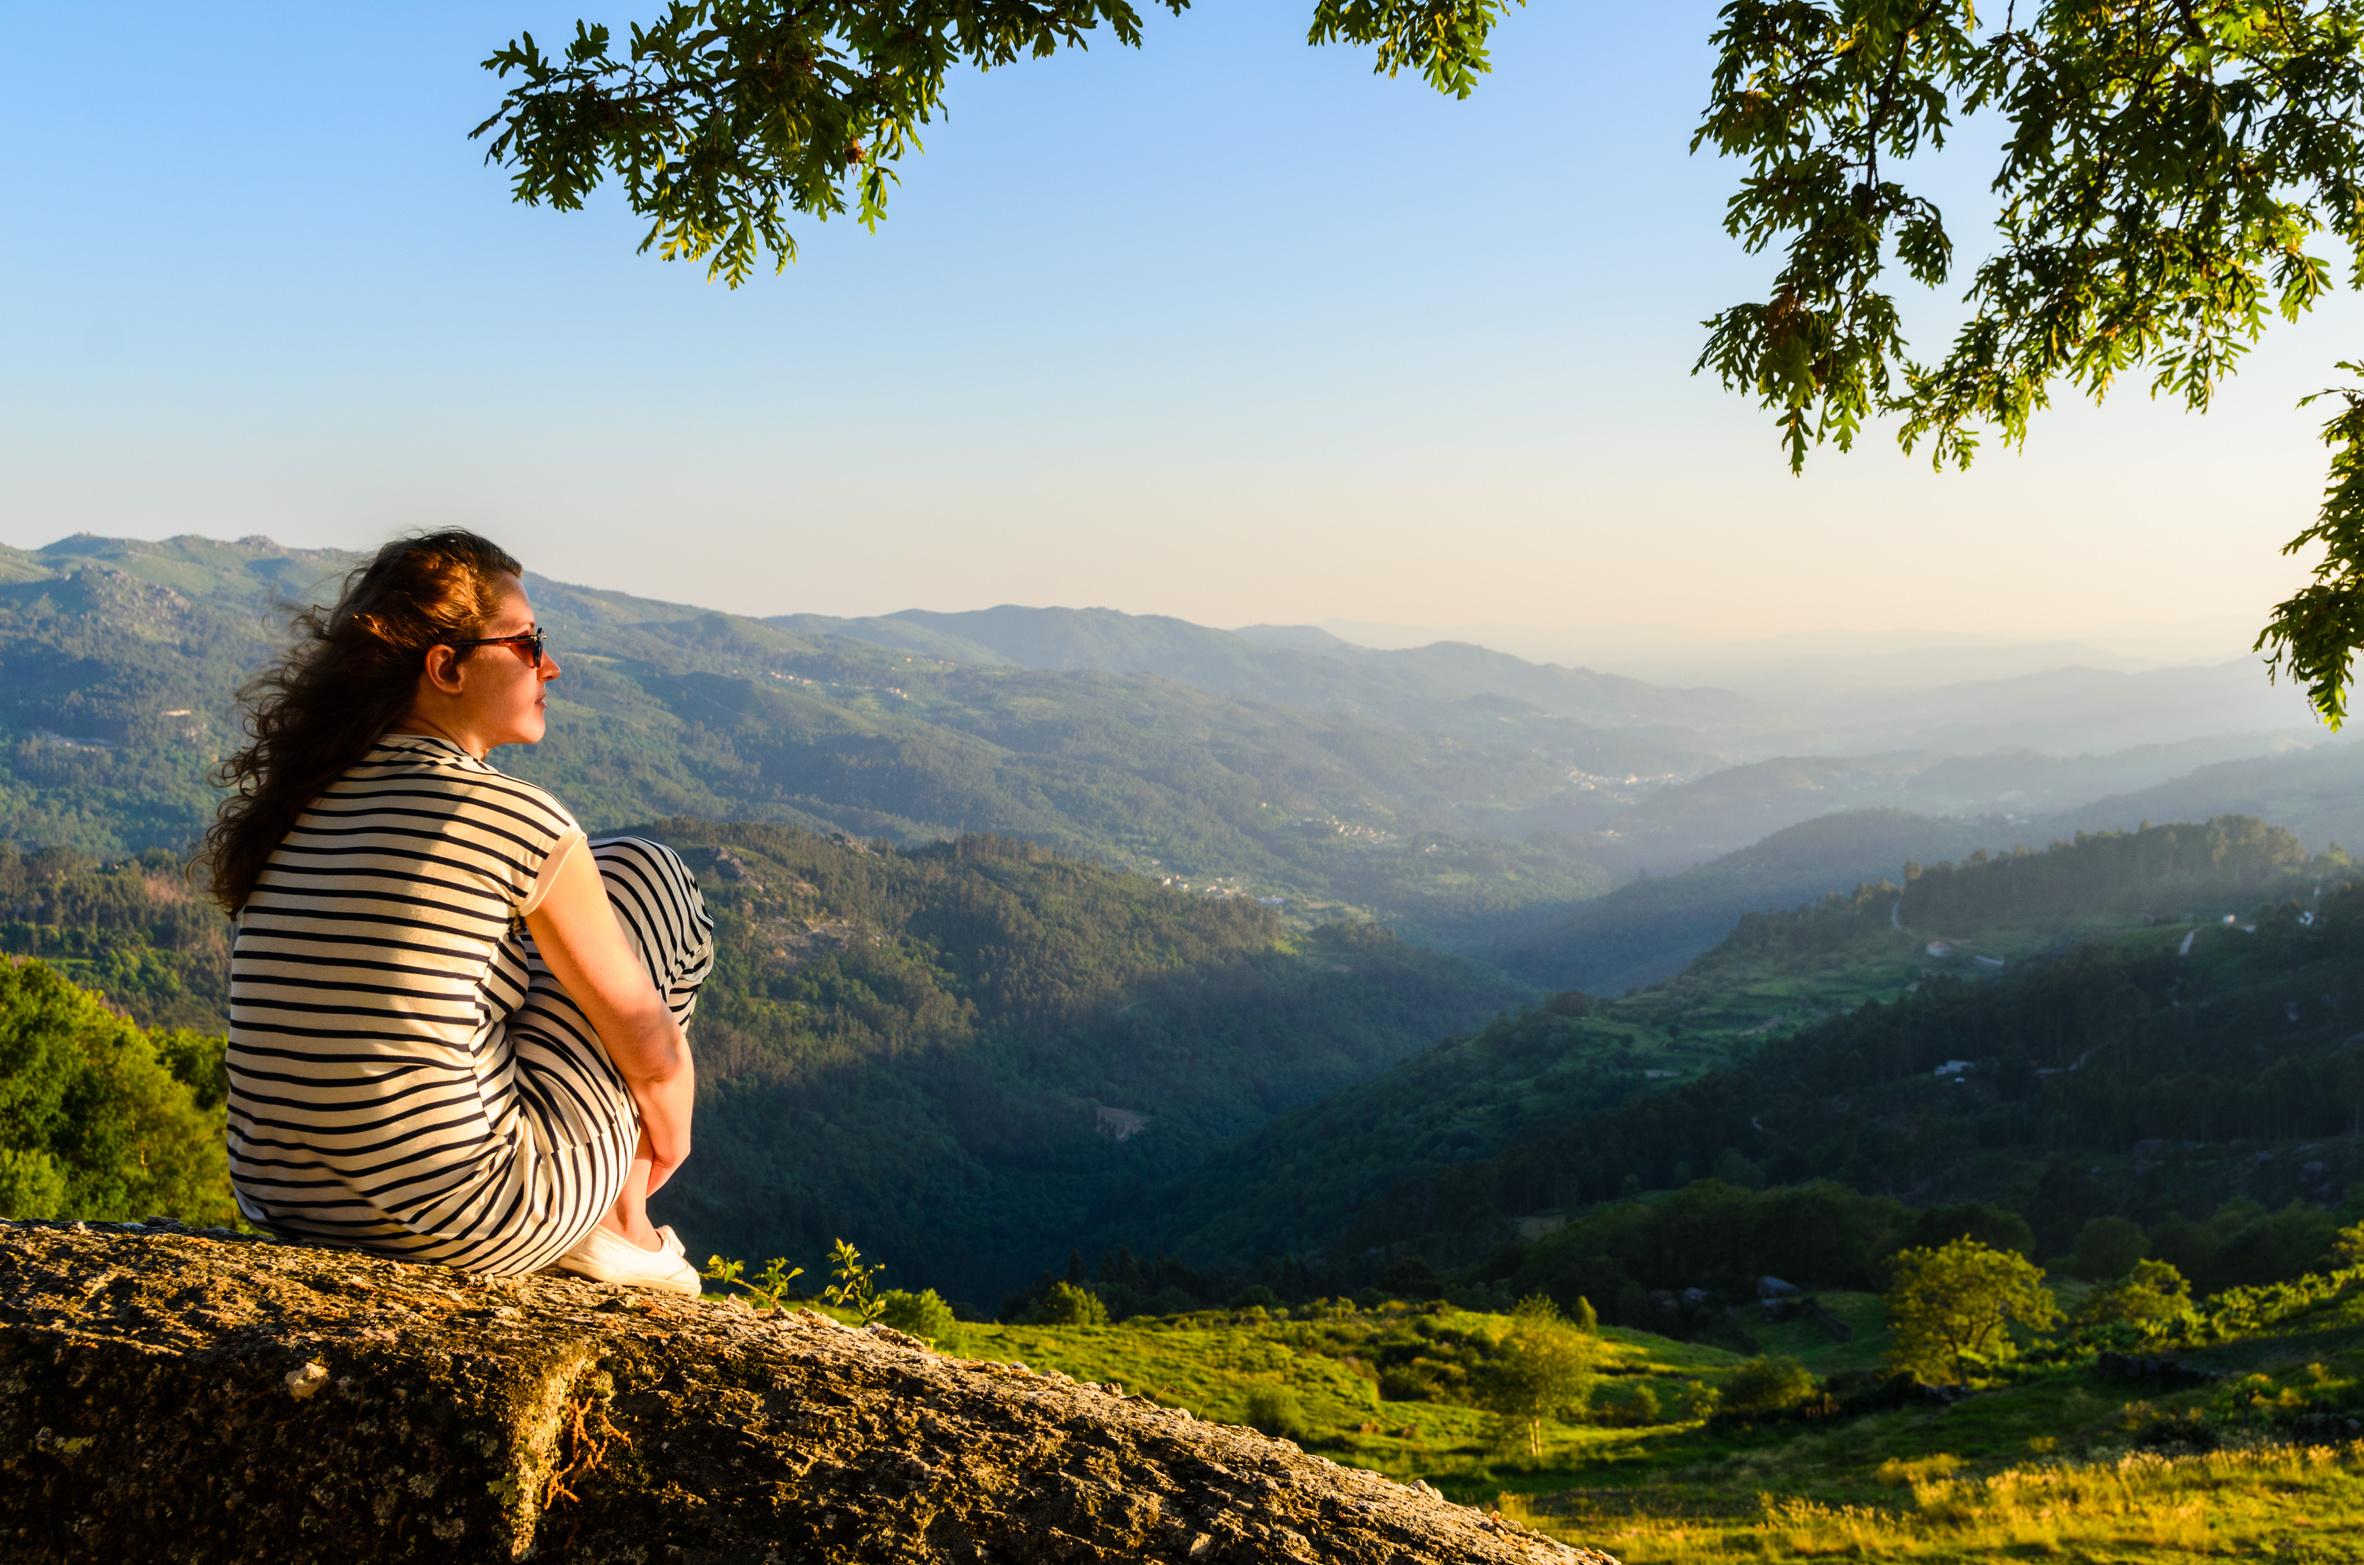 Développer la présence à soi et à l'environnement pour créer sa vie.